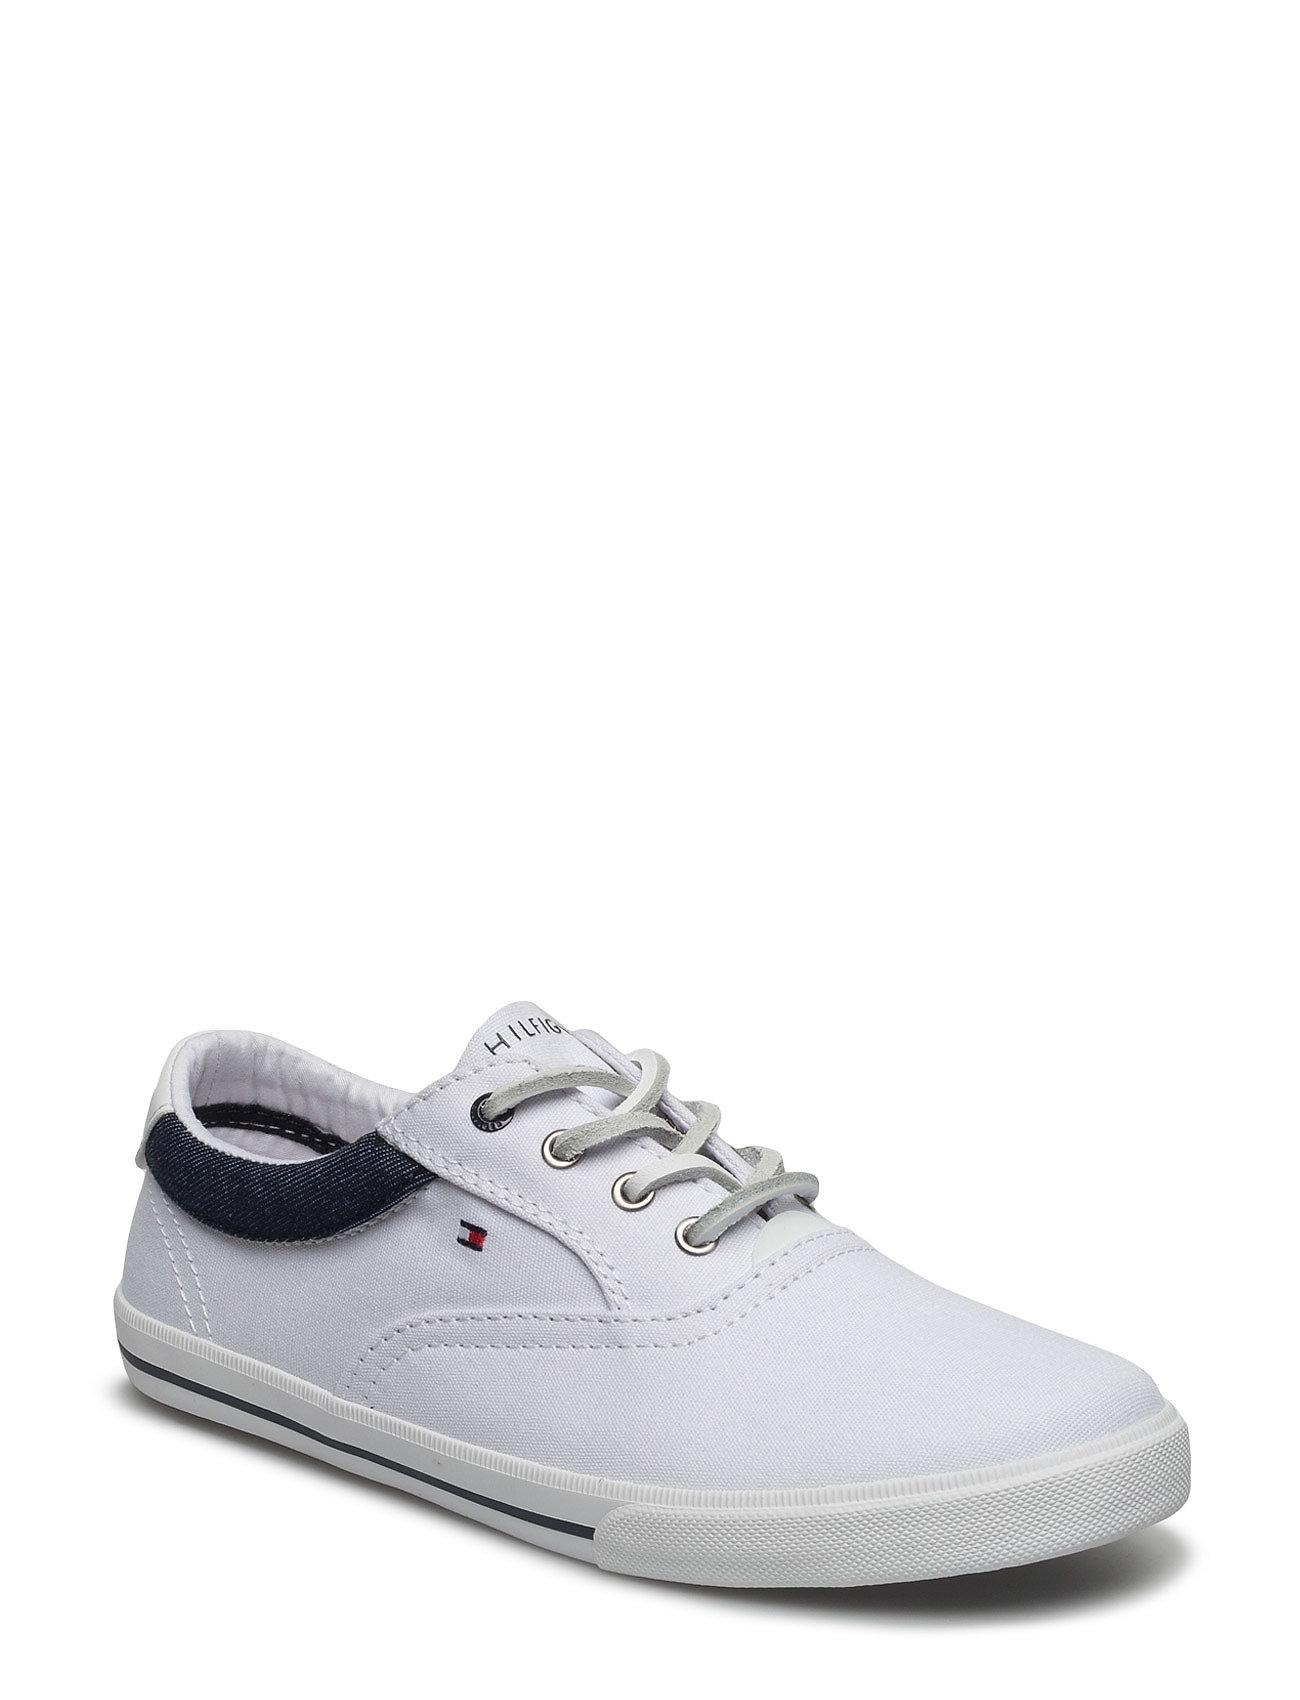 W3285inston Jr 1d Tommy Hilfiger Sko & Sneakers til Børn i hvid